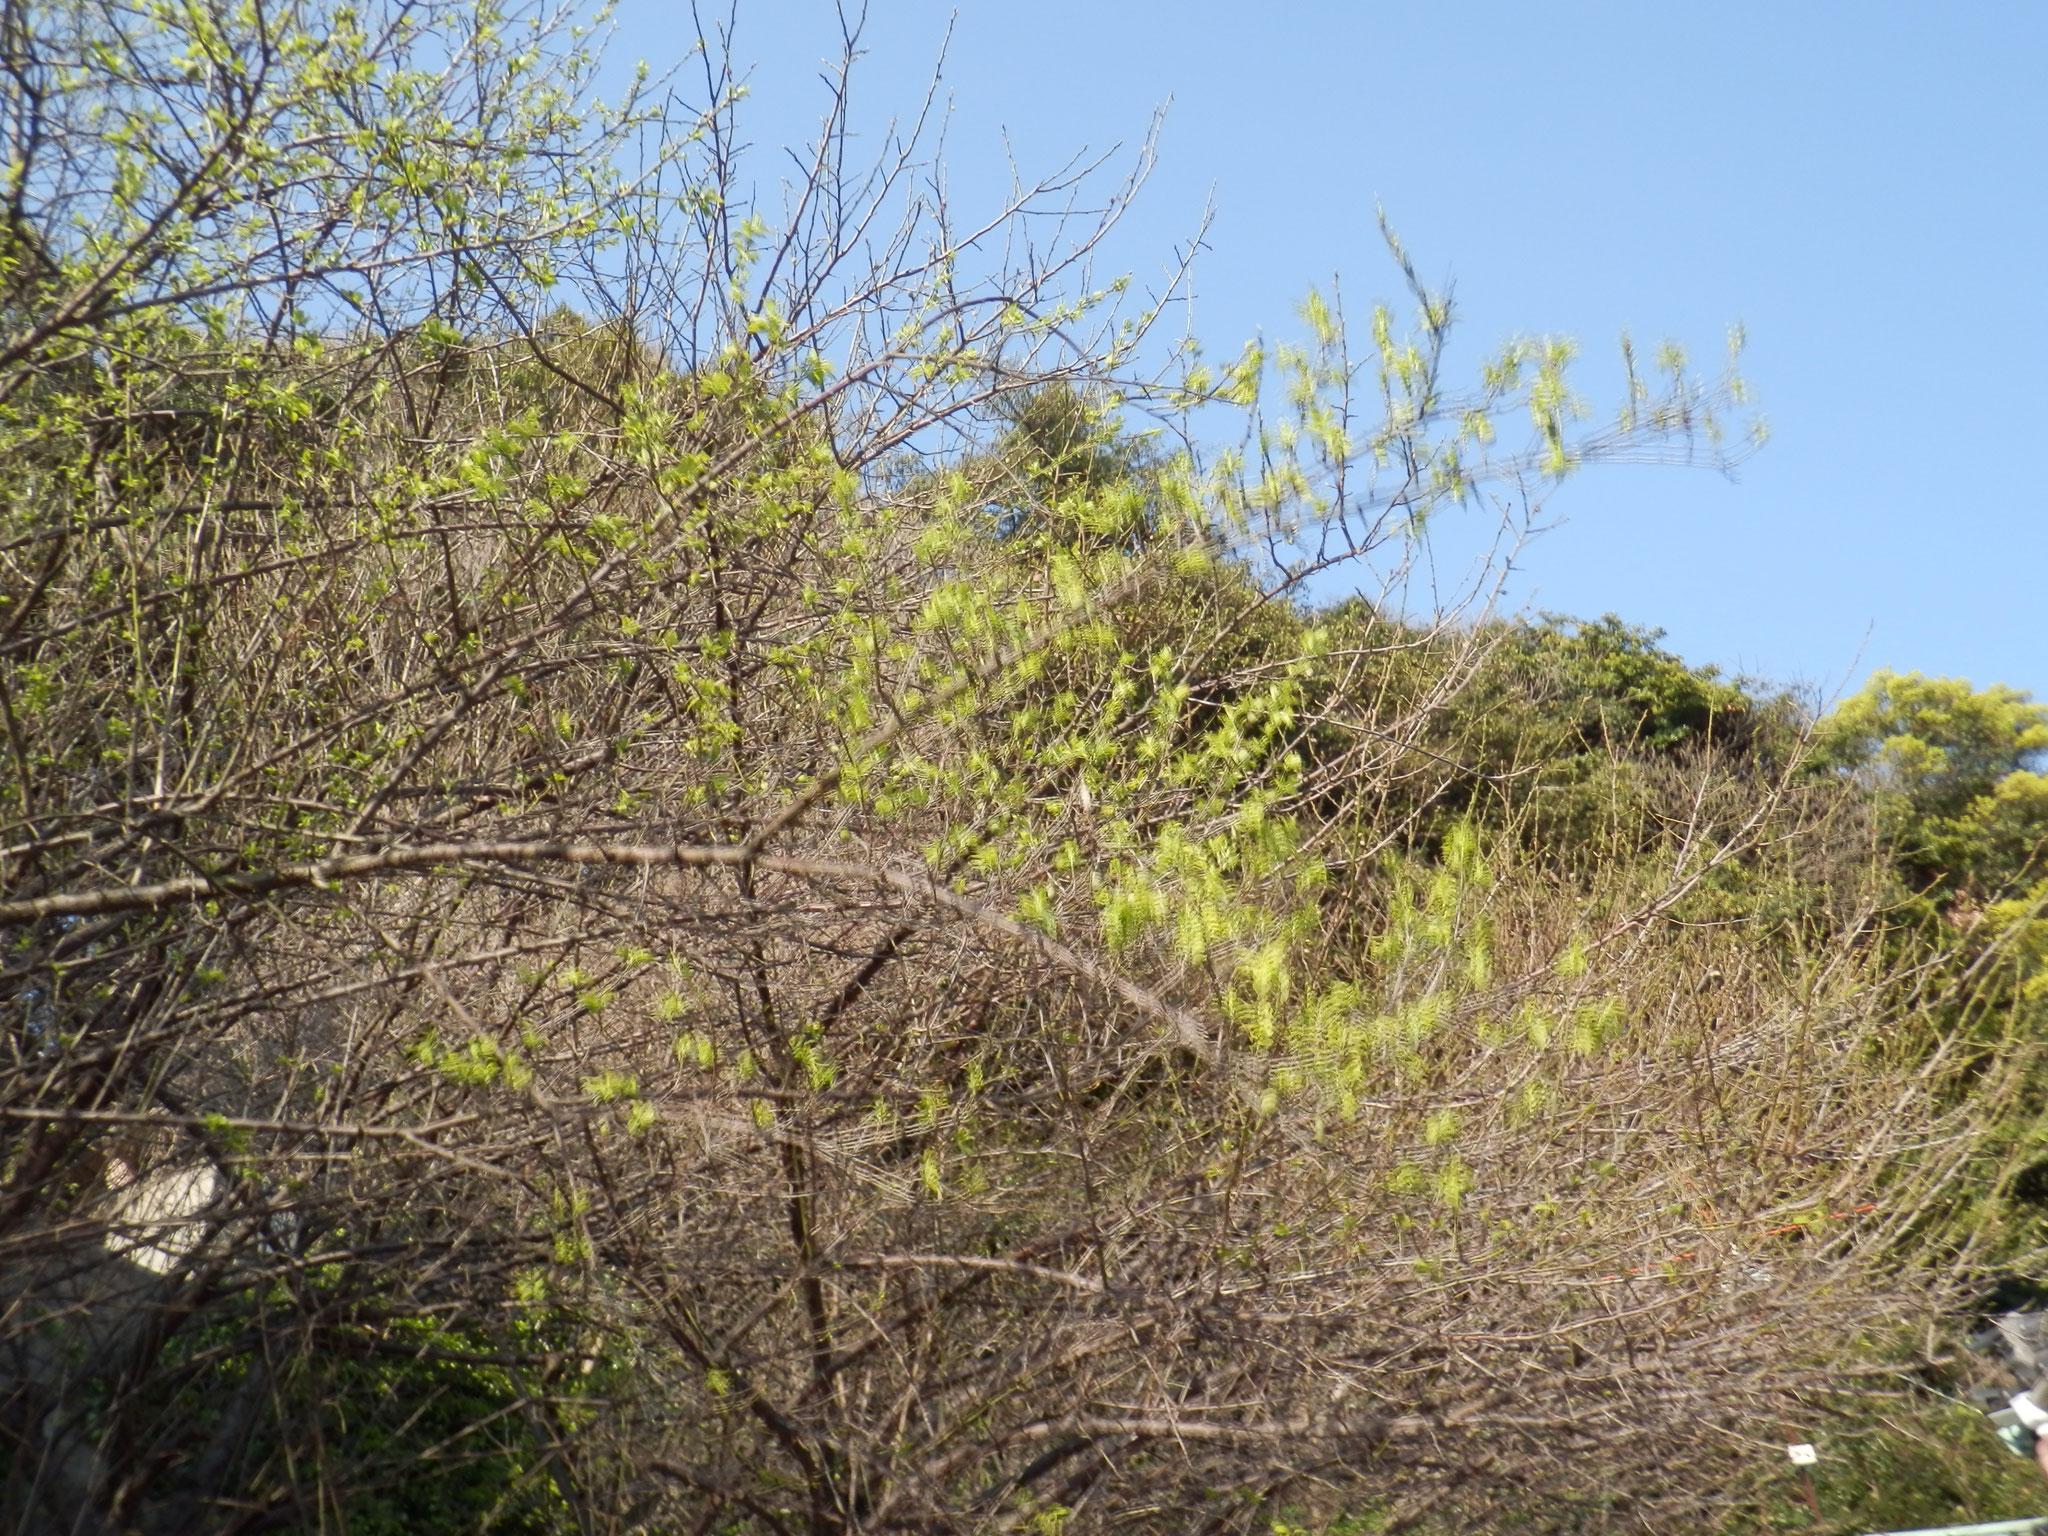 暖かくなってきて、新緑の梅の木になりました。